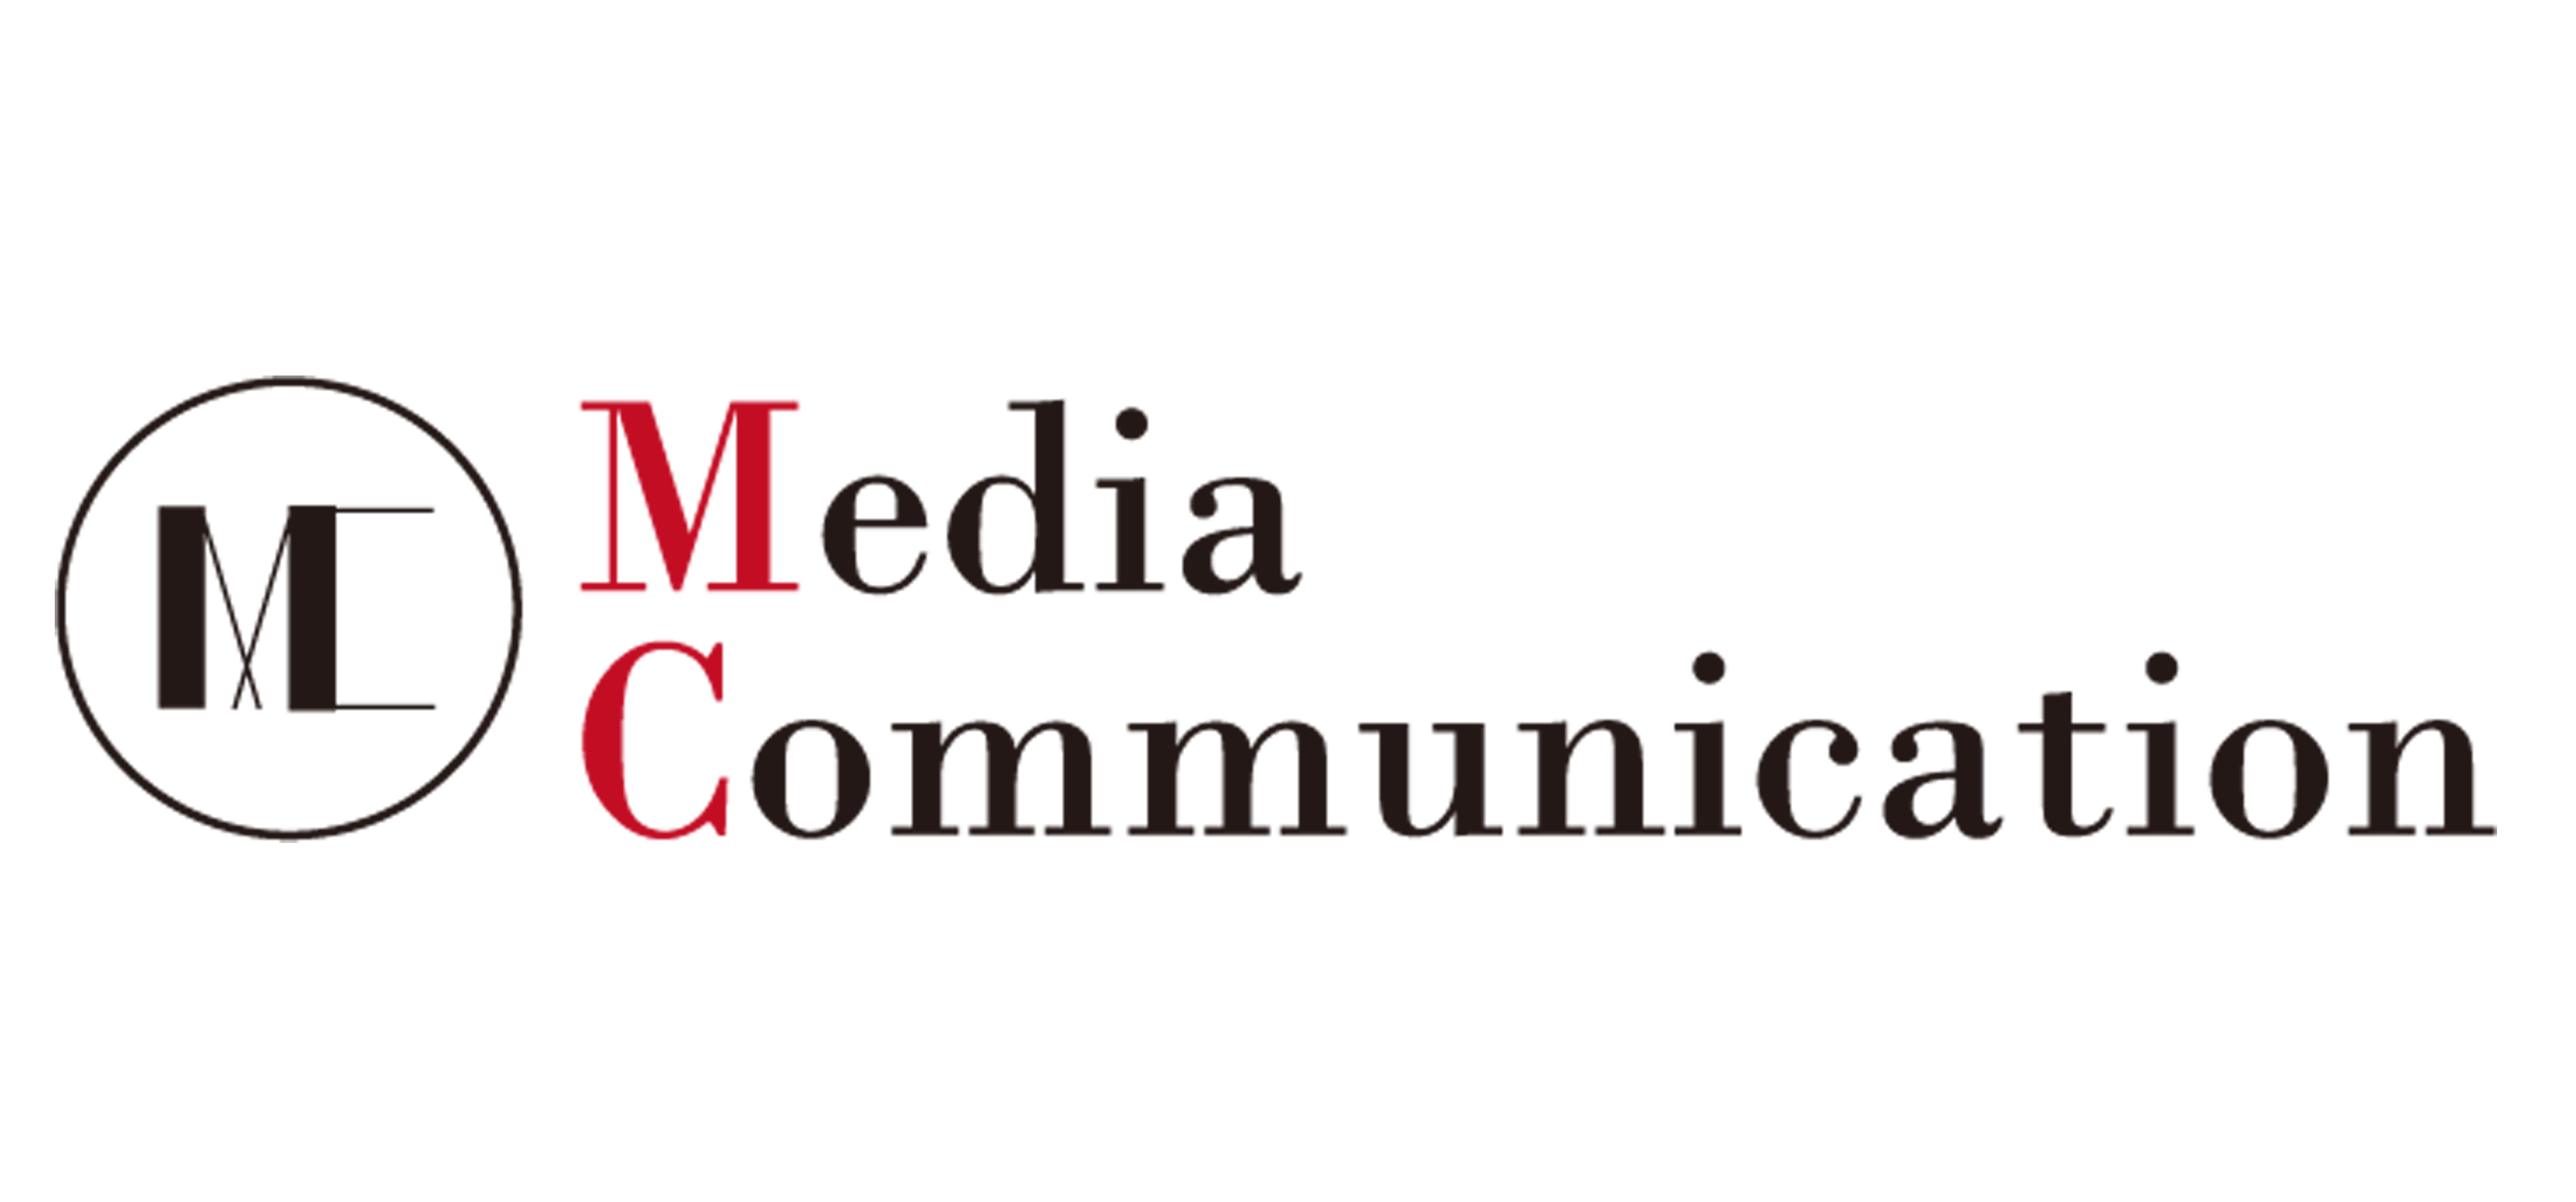 株式会社メディアコミュニケーション